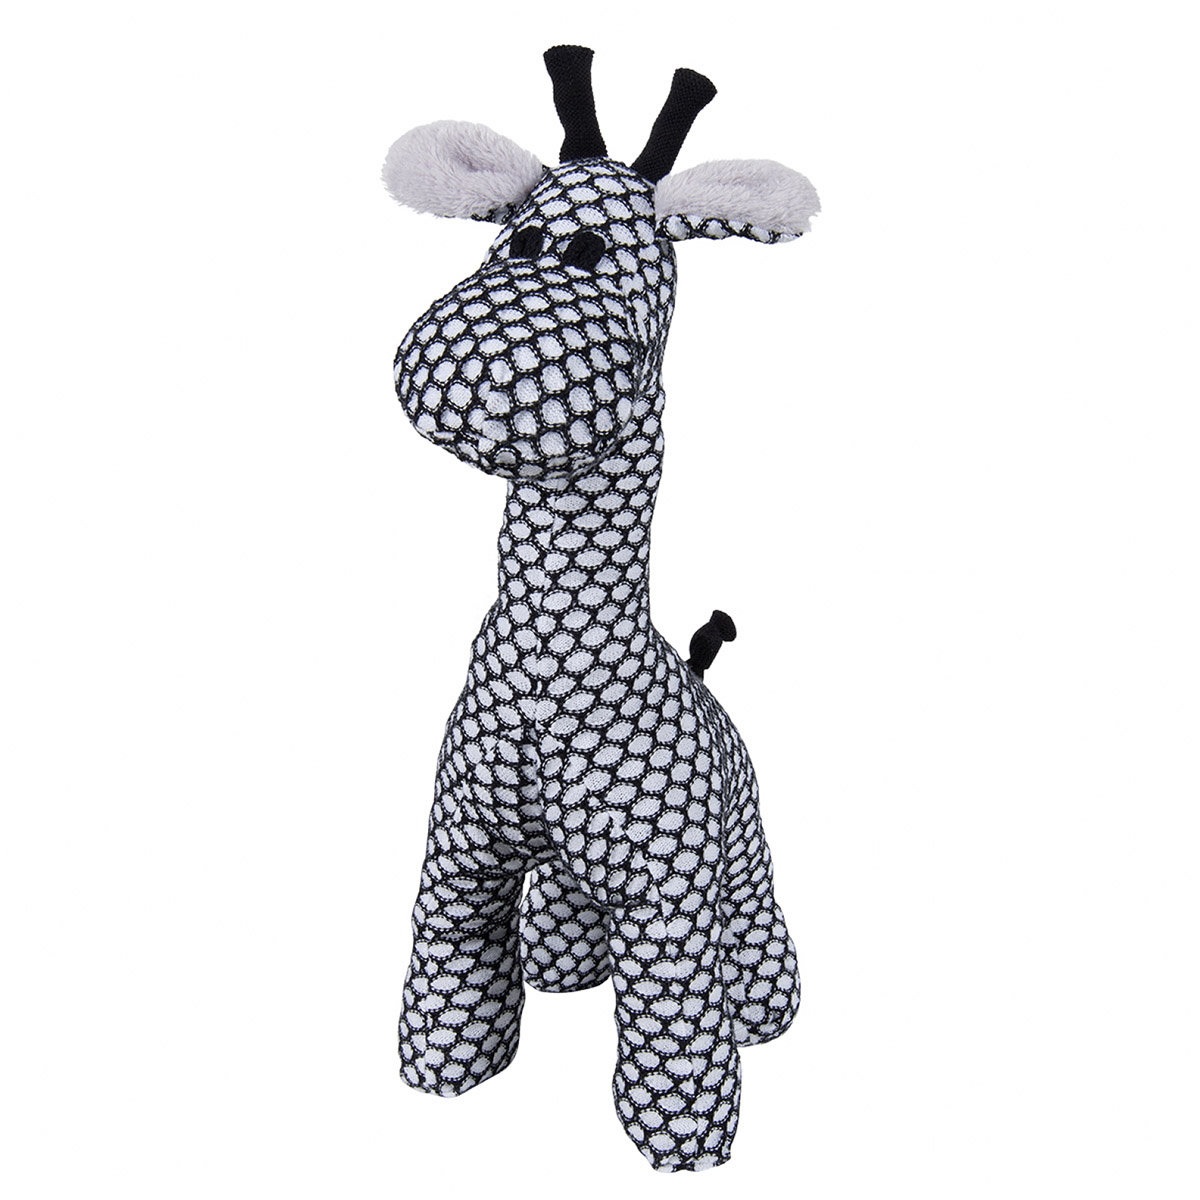 Plüschtier Stofftier Giraffe stehend Sun schwarz / weiß